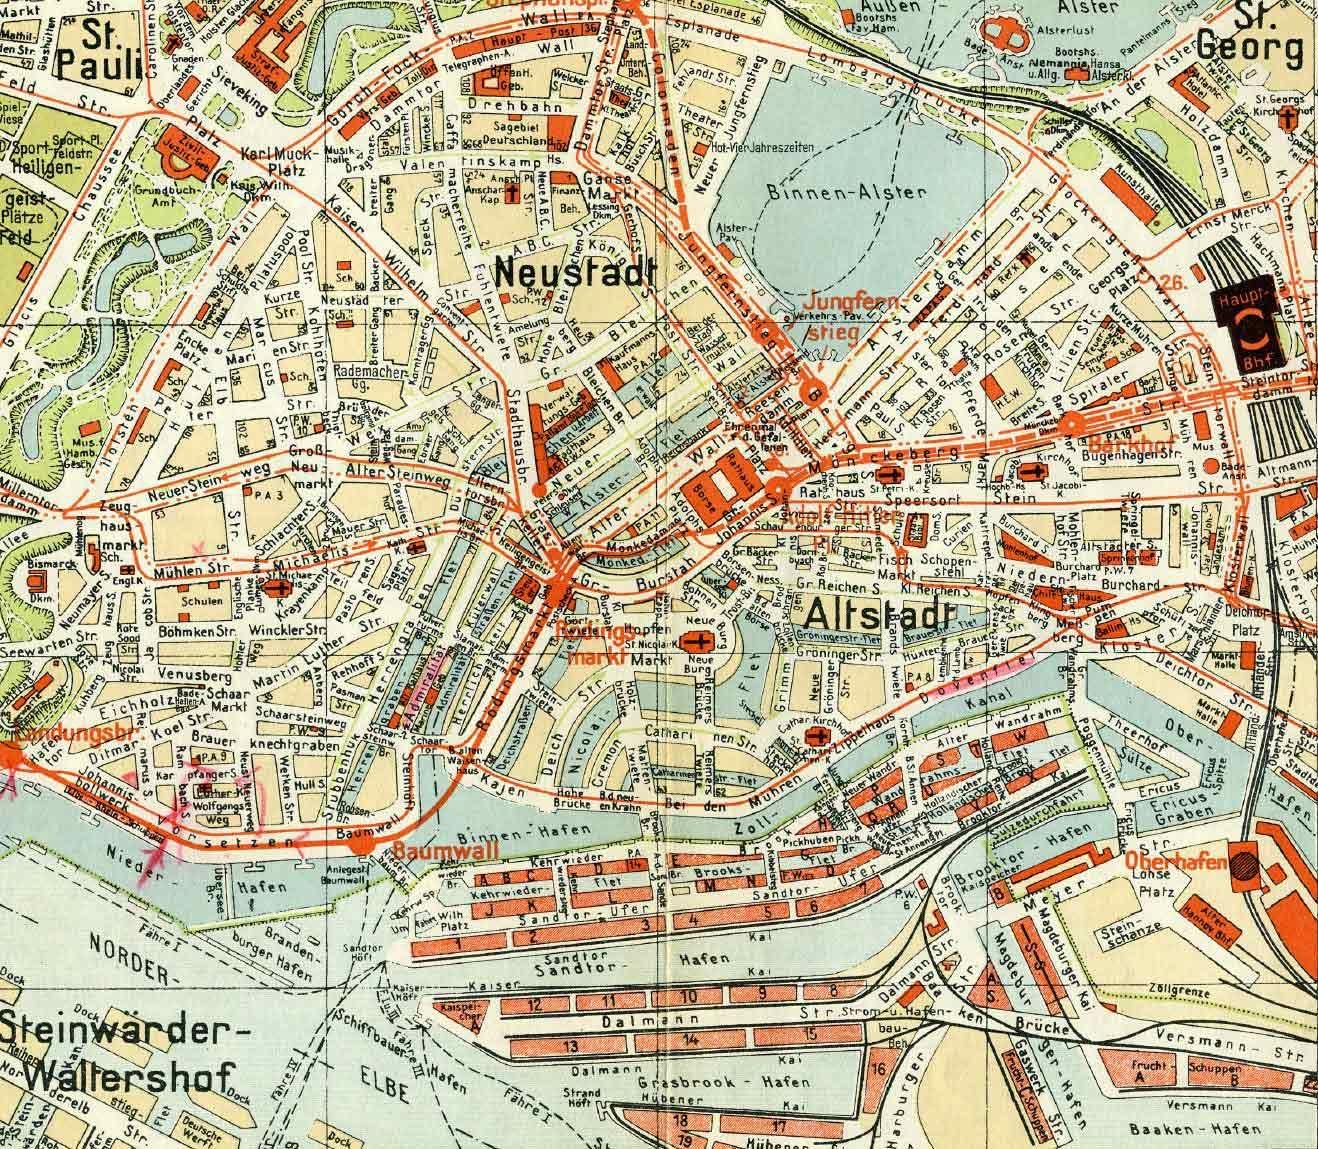 Historische Karten Der Geografischen Entwicklung Hamburgs